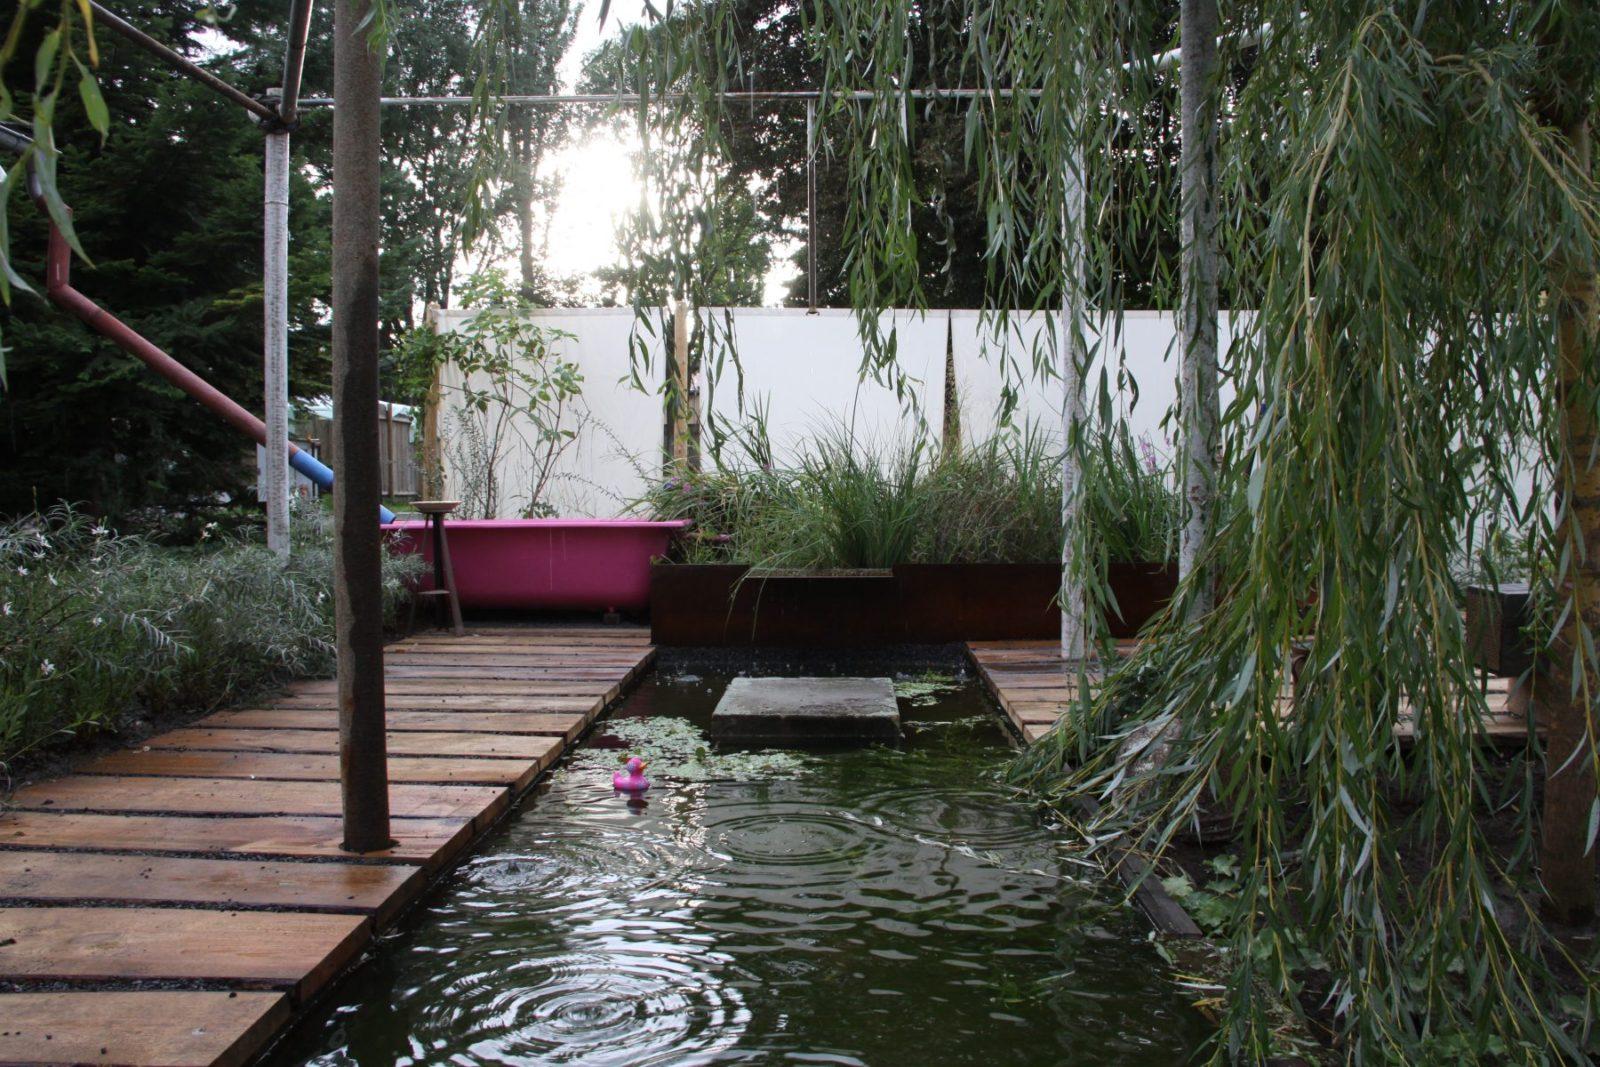 Nejkrásnější zahrada - Zahrada Čech, Litoměřice, Dešťová zahrada